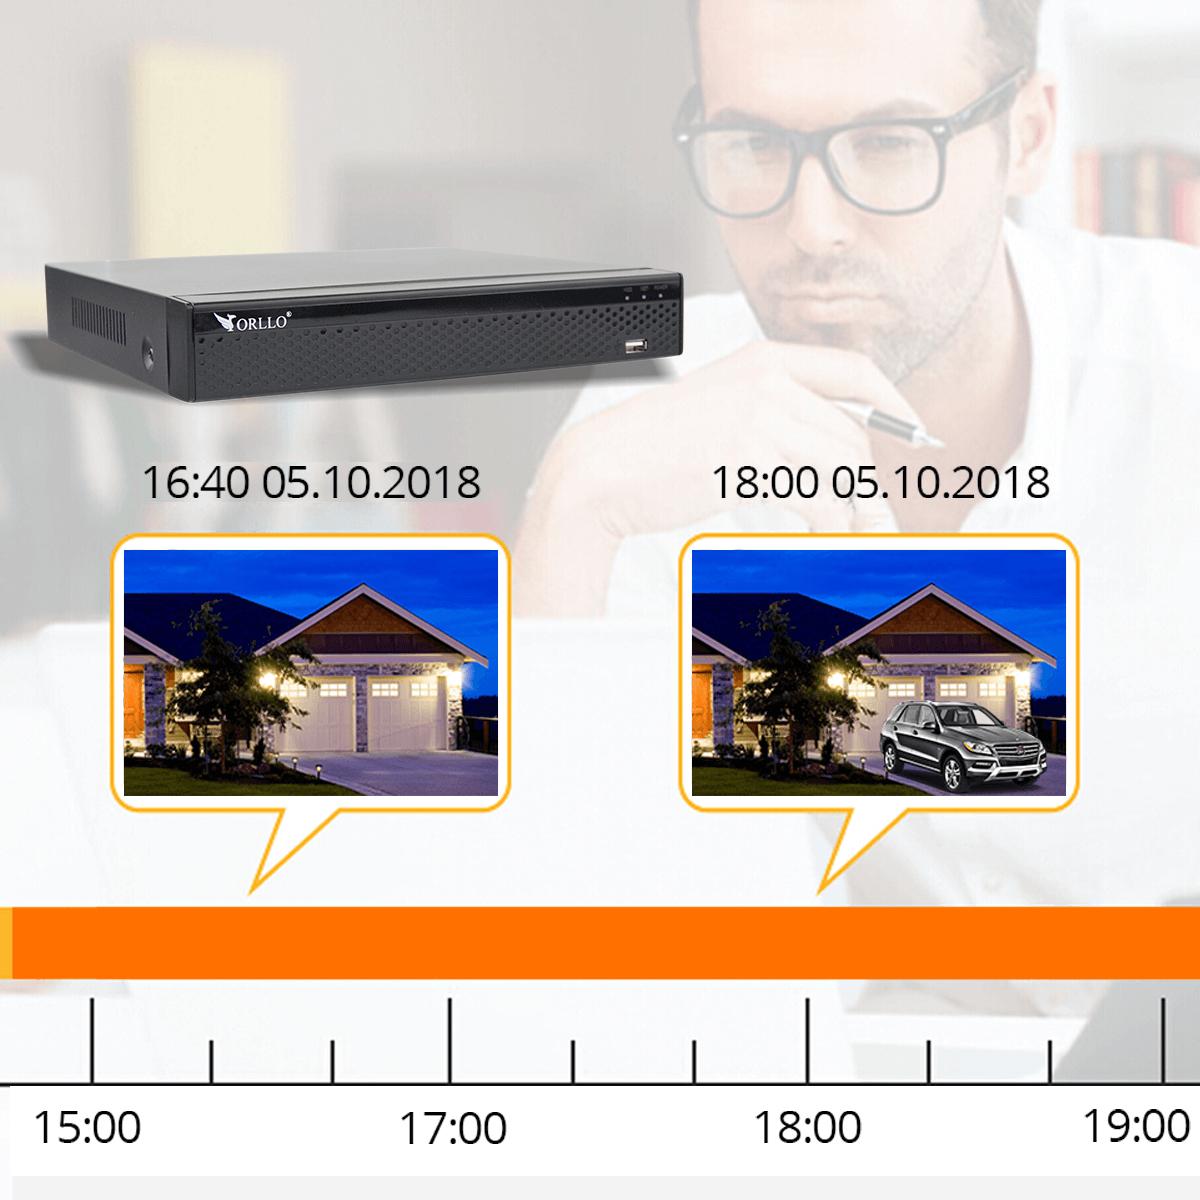 kompletny zestaw do monitoringu domu orllo.pl